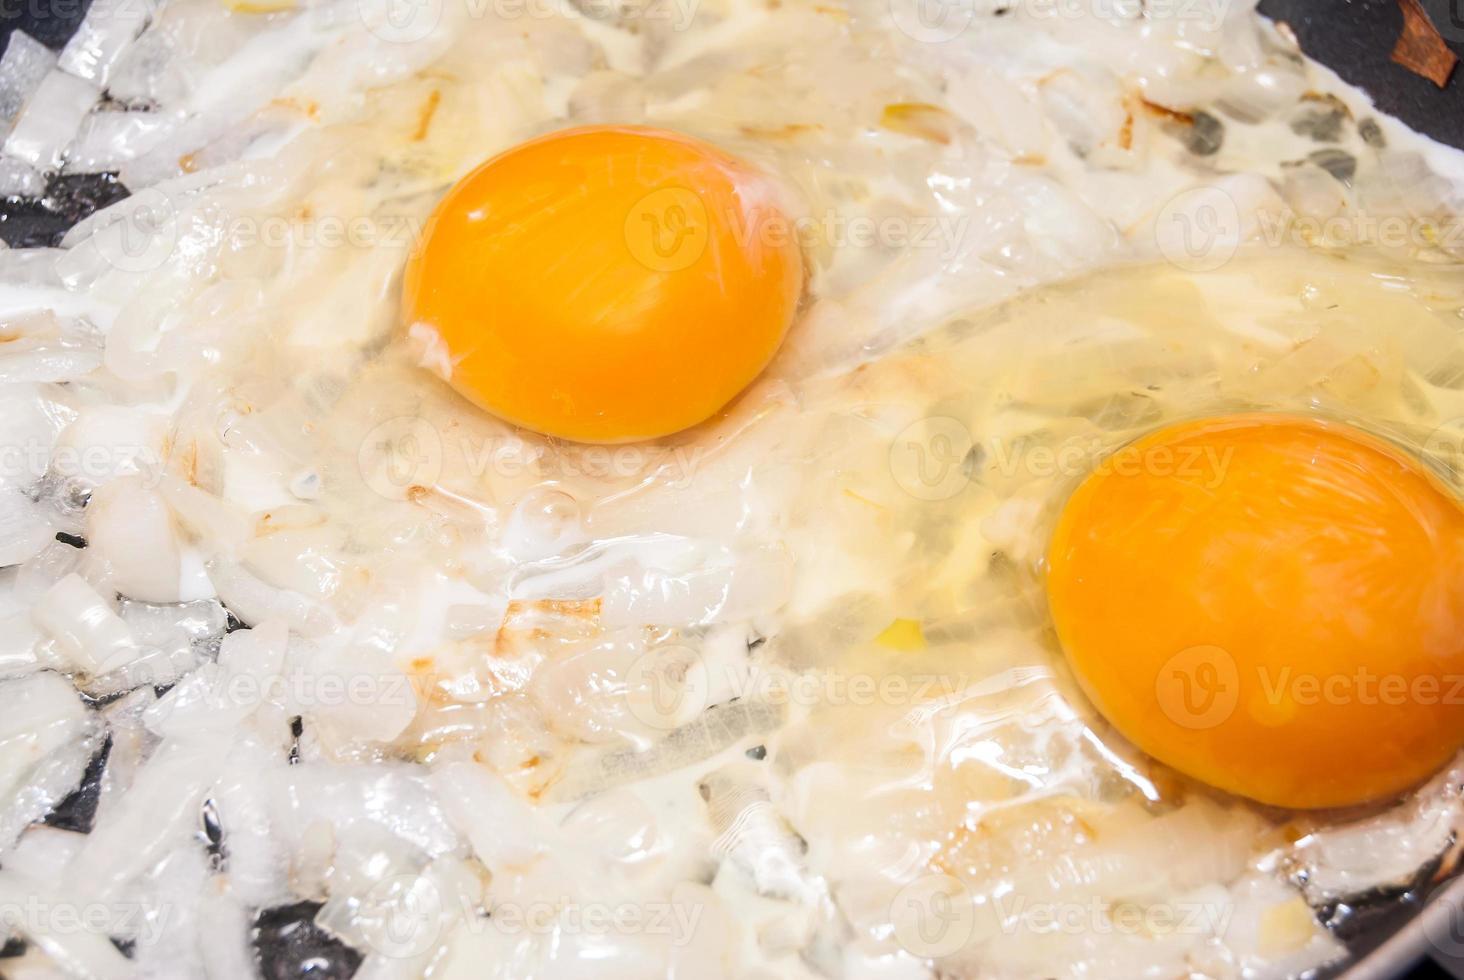 uovo fritto foto